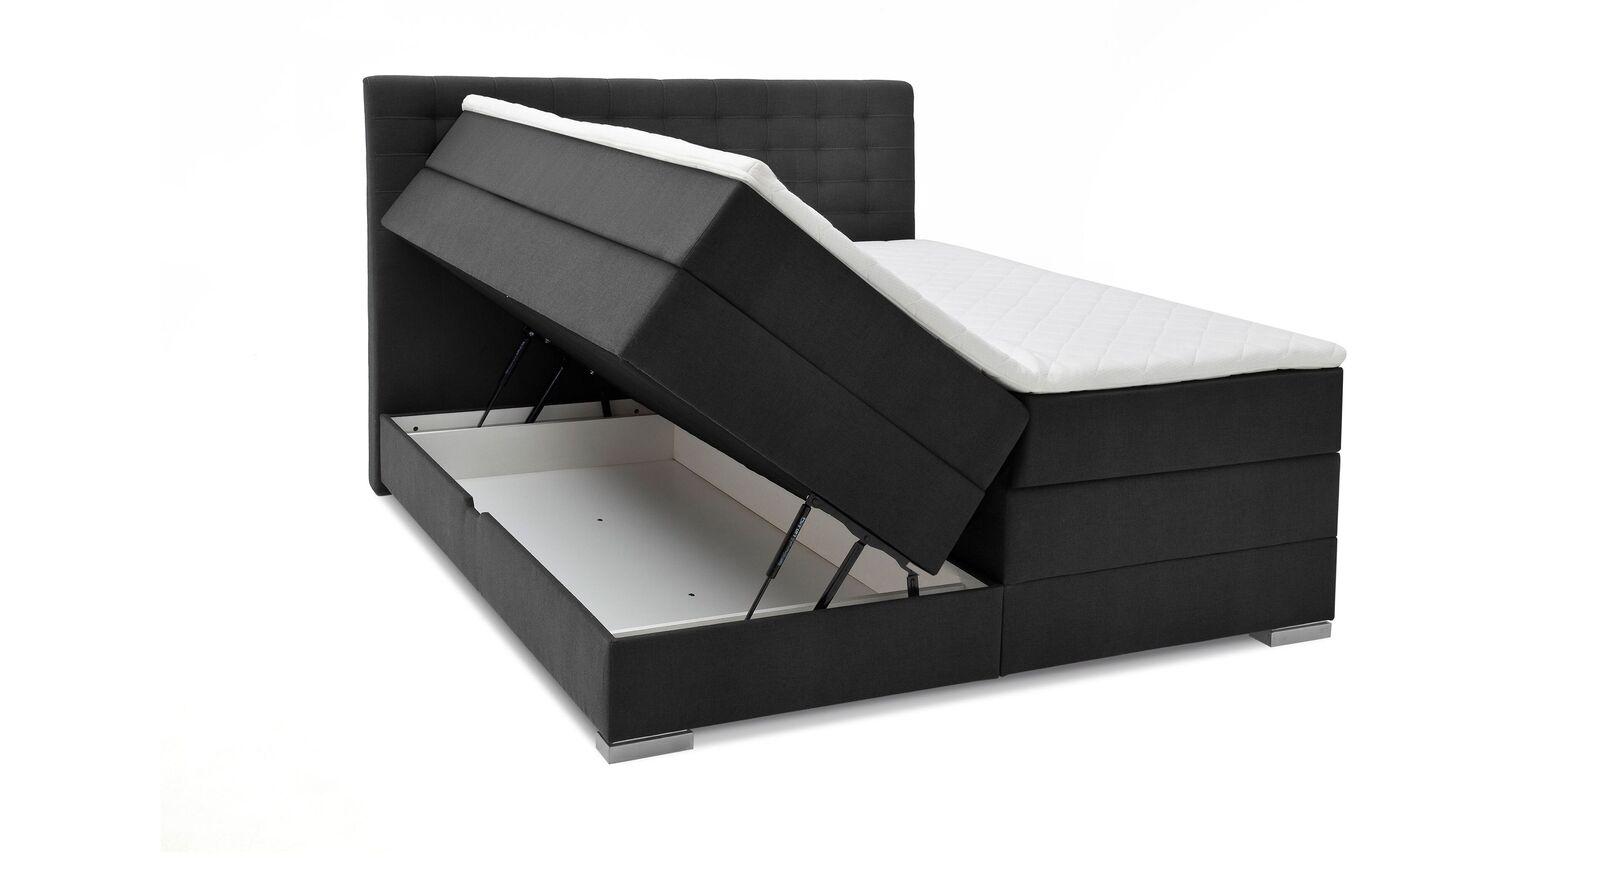 Bettkasten-Boxspringbett Agulo aus anthrazitfarbenem Velours-Webstoff